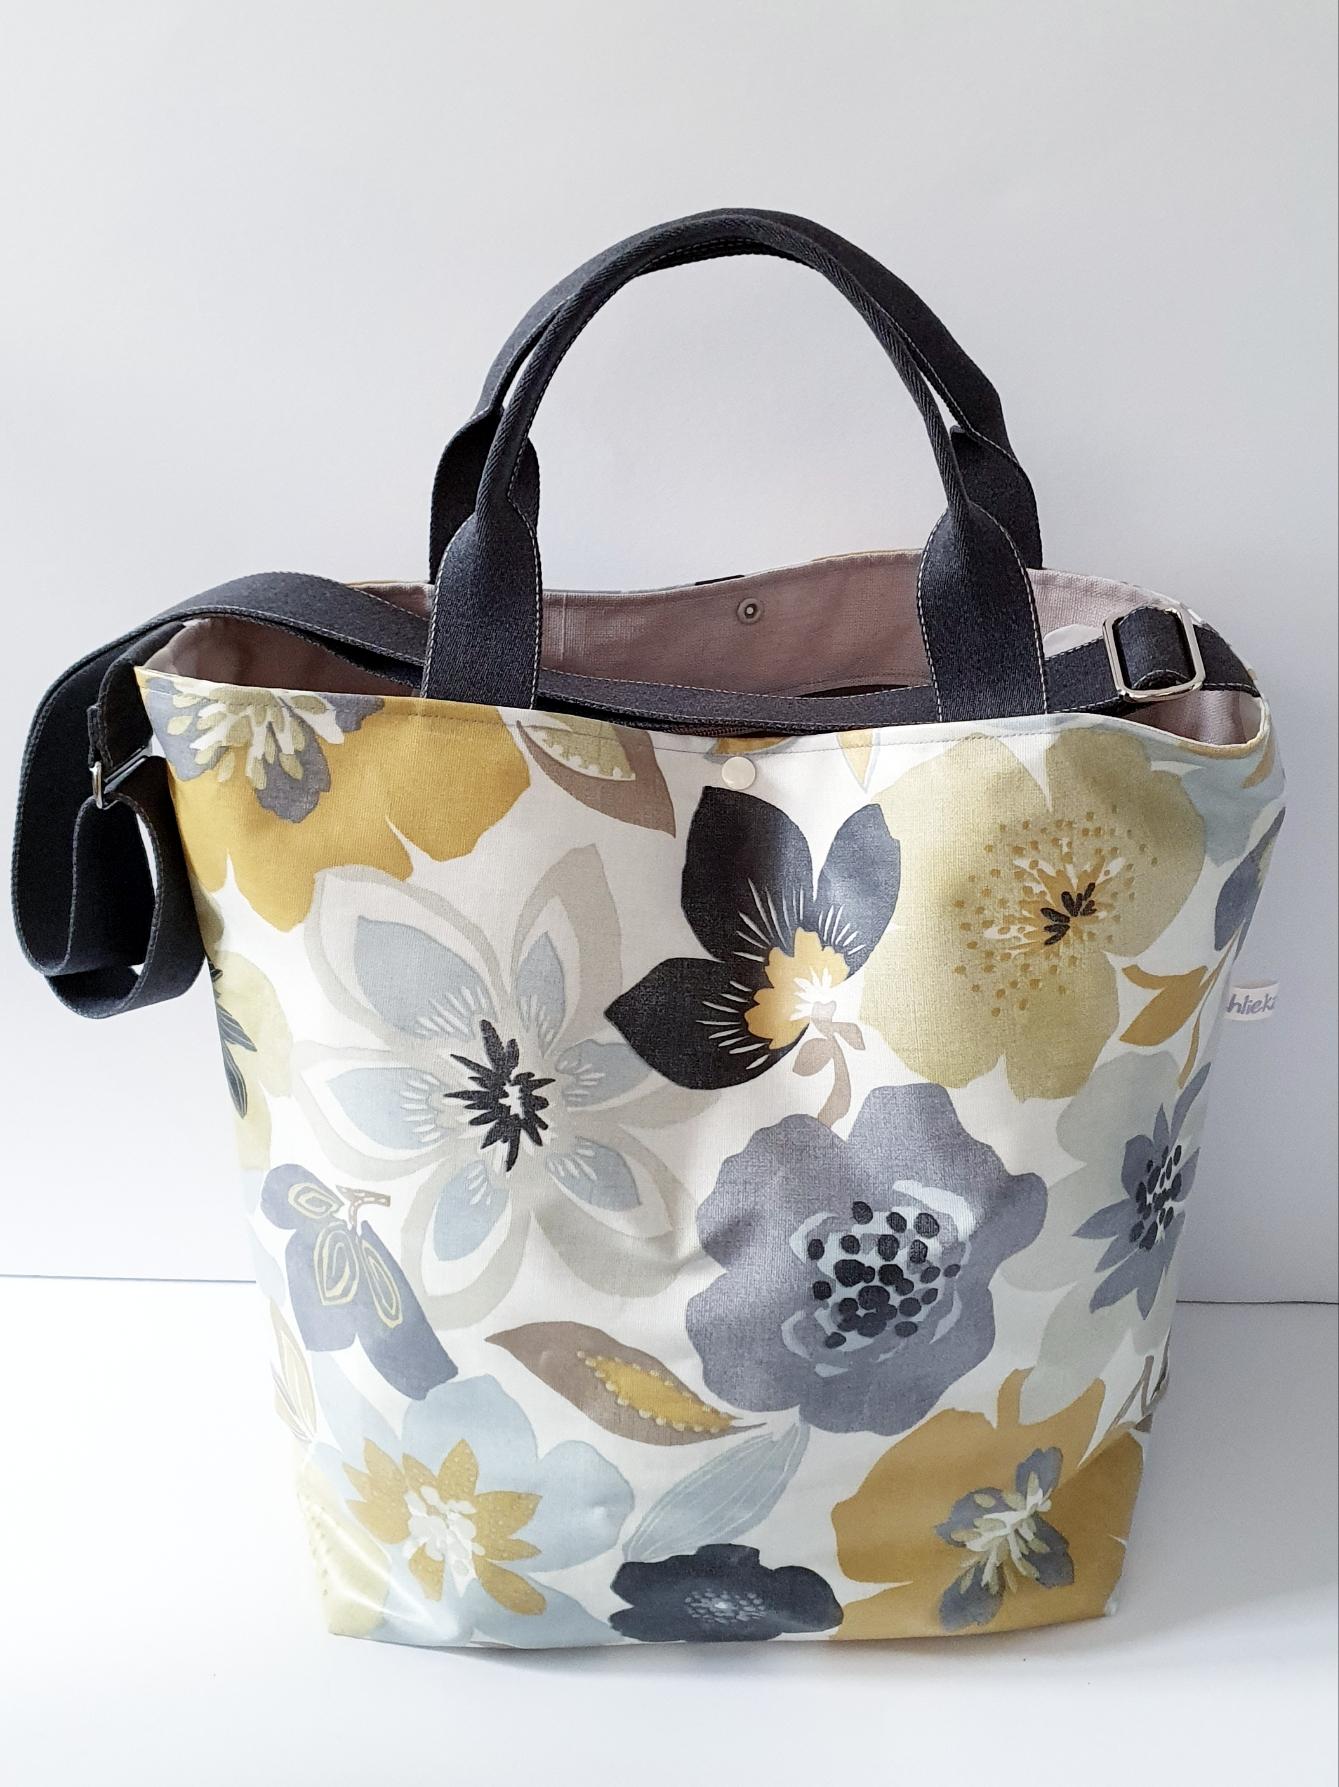 Shopper / Einkaufstasche, verkauft